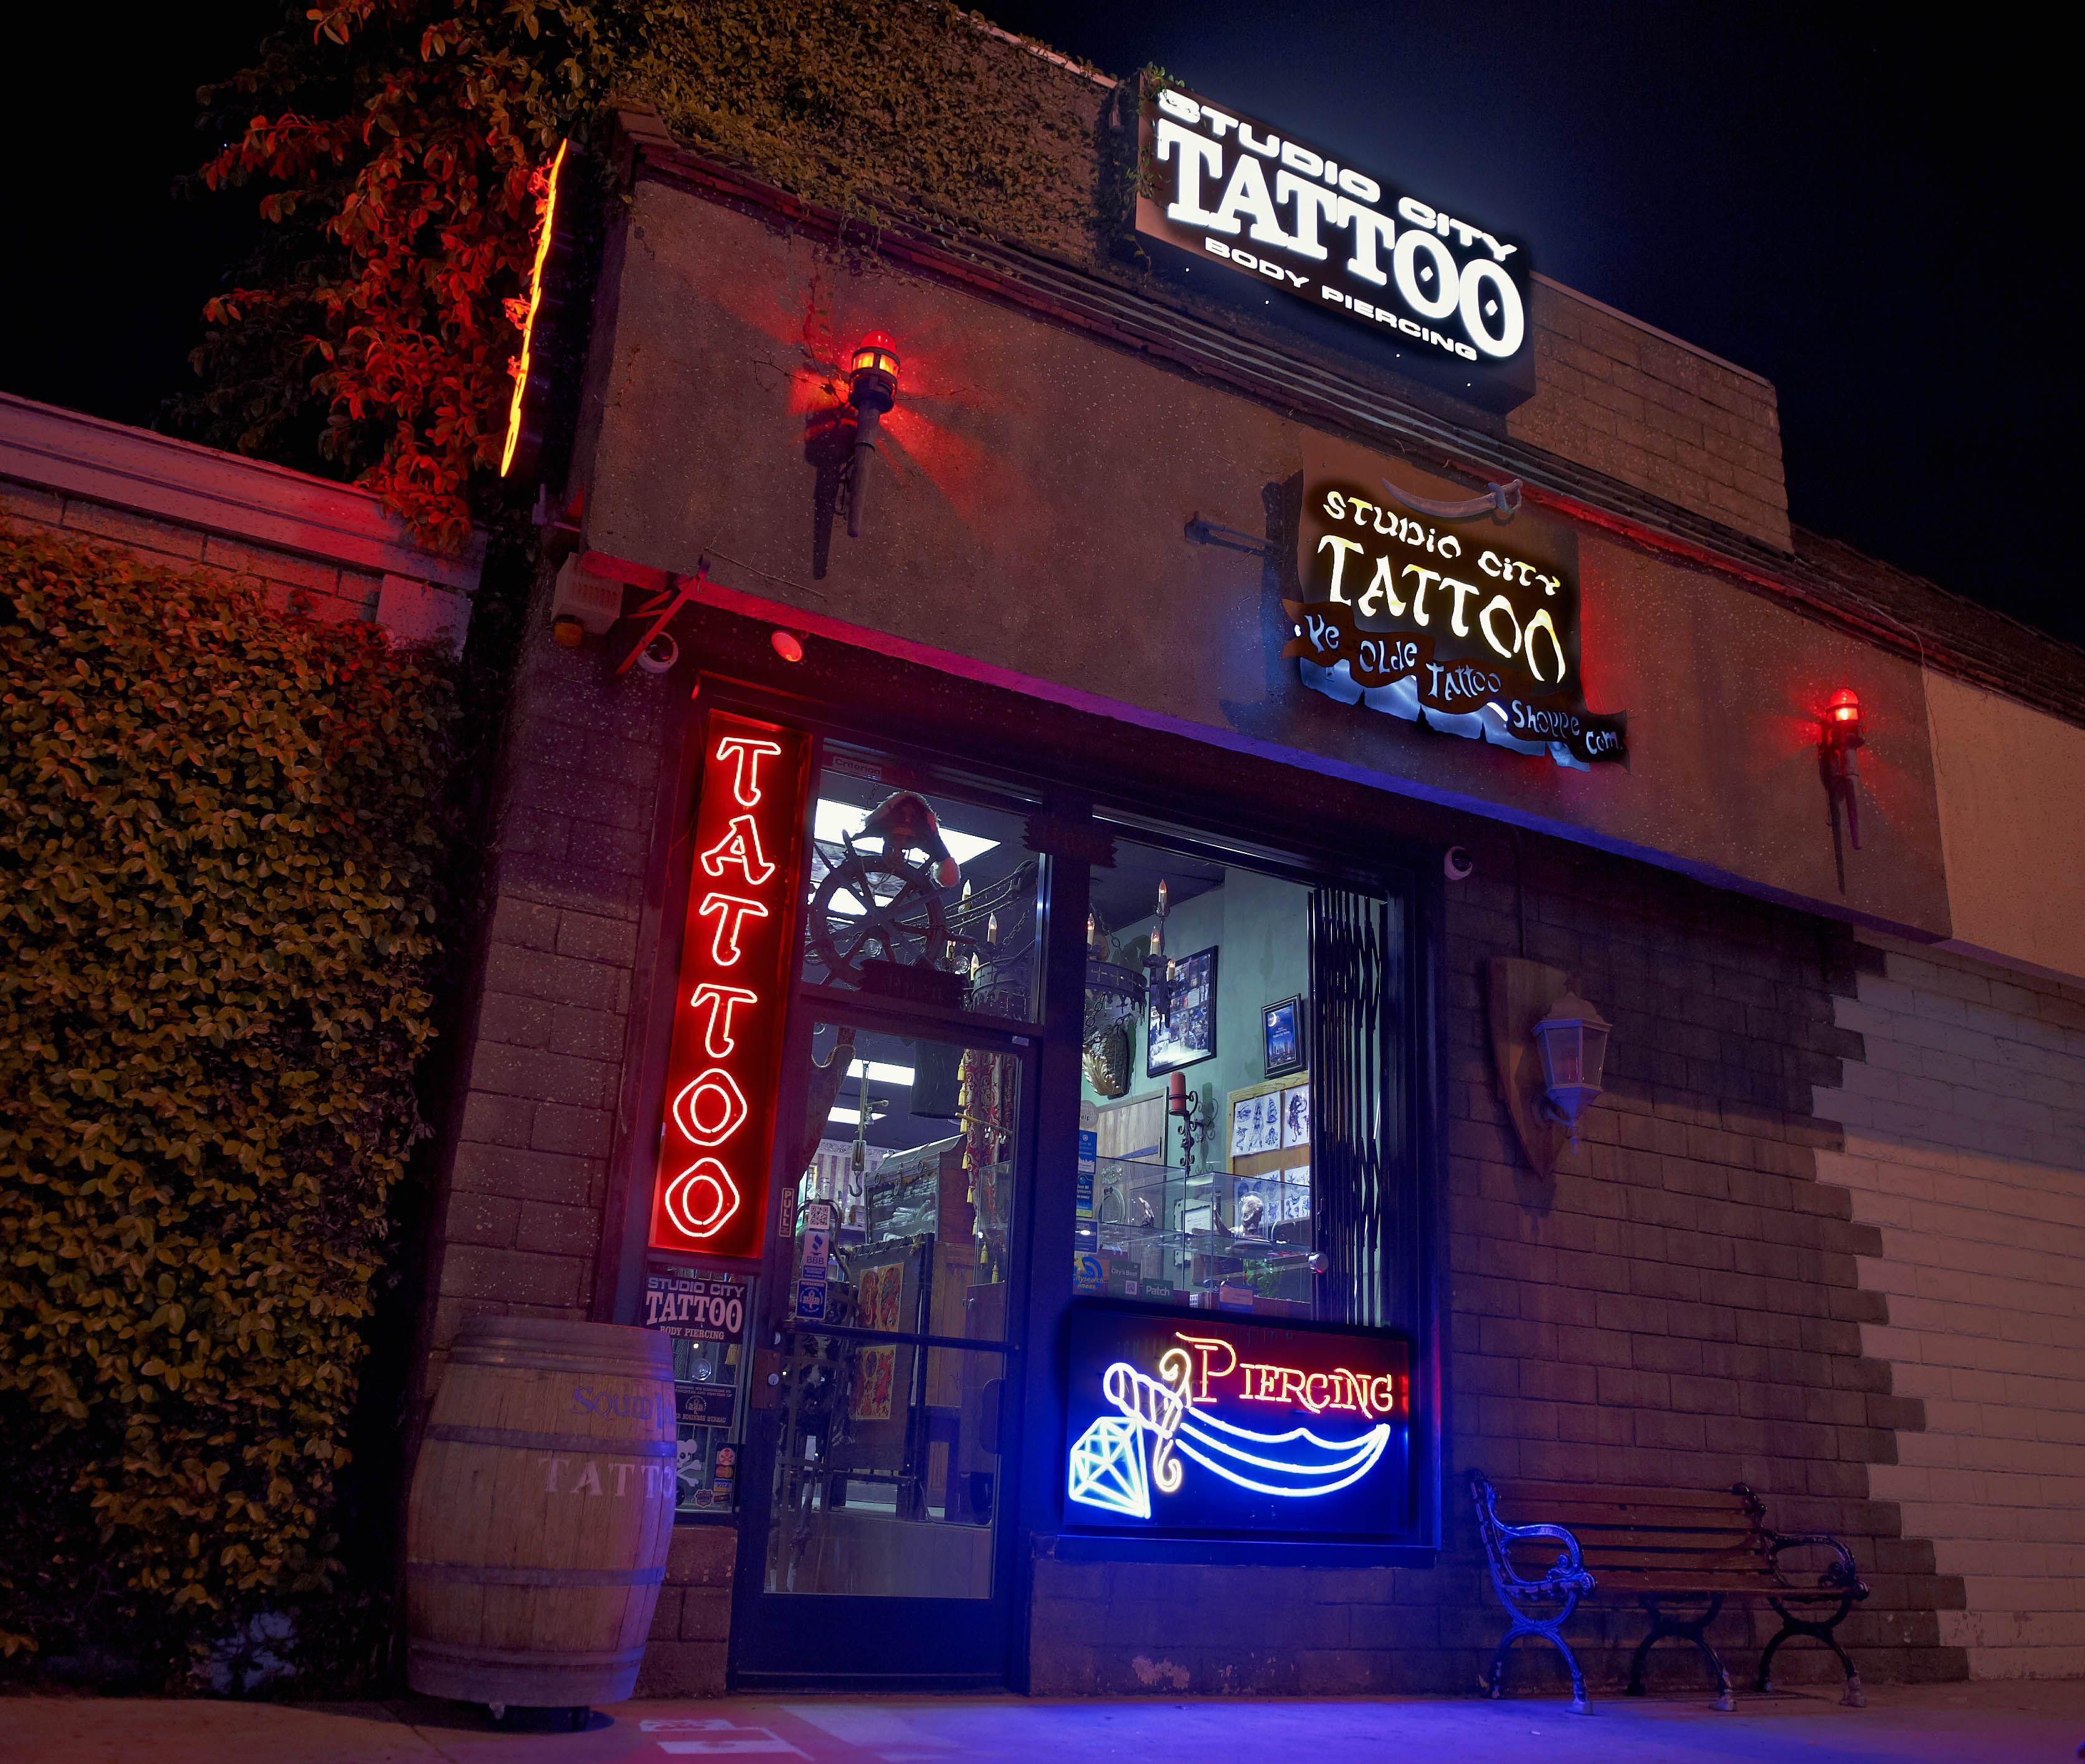 Studio City Tattoo Exterior Tattoo shop, City tattoo